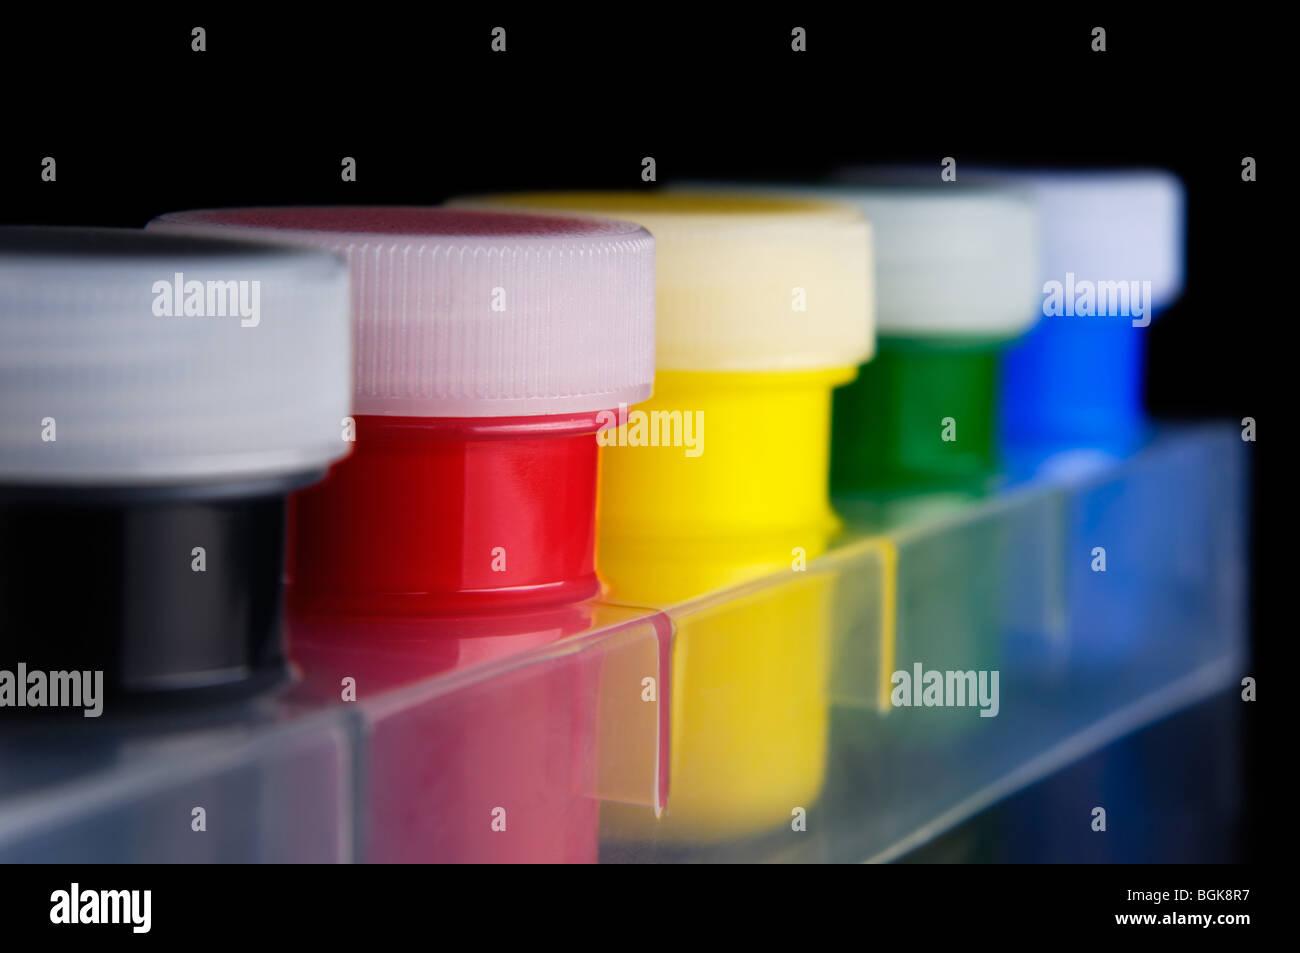 Tubi colorati di vernice acrilica isolati su sfondo nero Immagini Stock